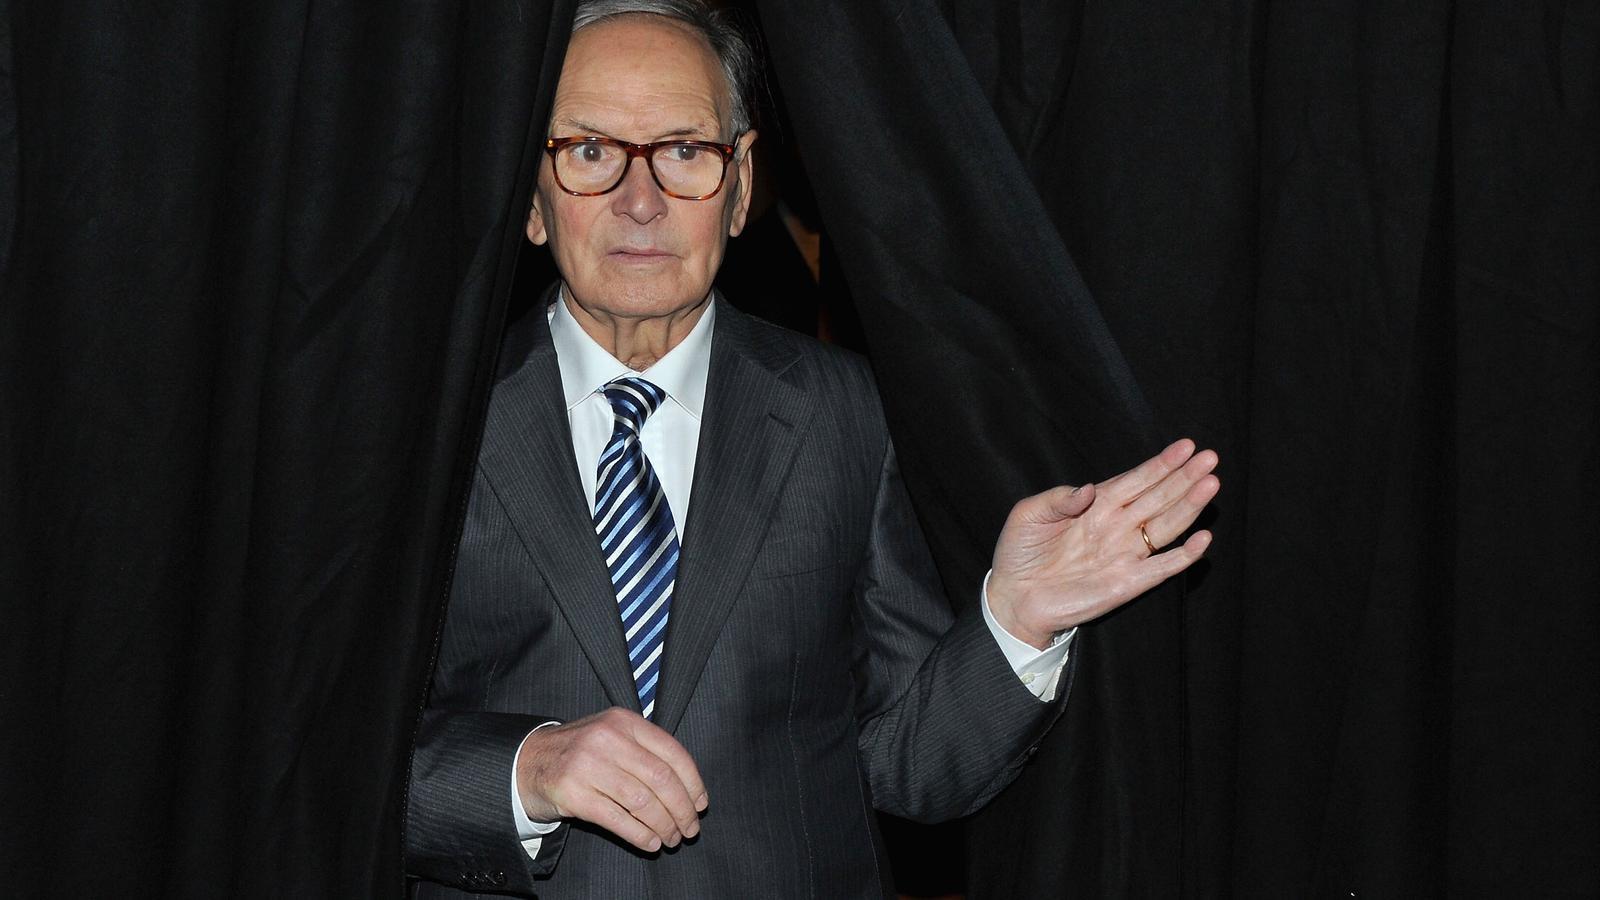 El compositor i director d'orquestra Ennio Morricone al 5è Festival Internacional de Cinema de Roma el novembre de 2010